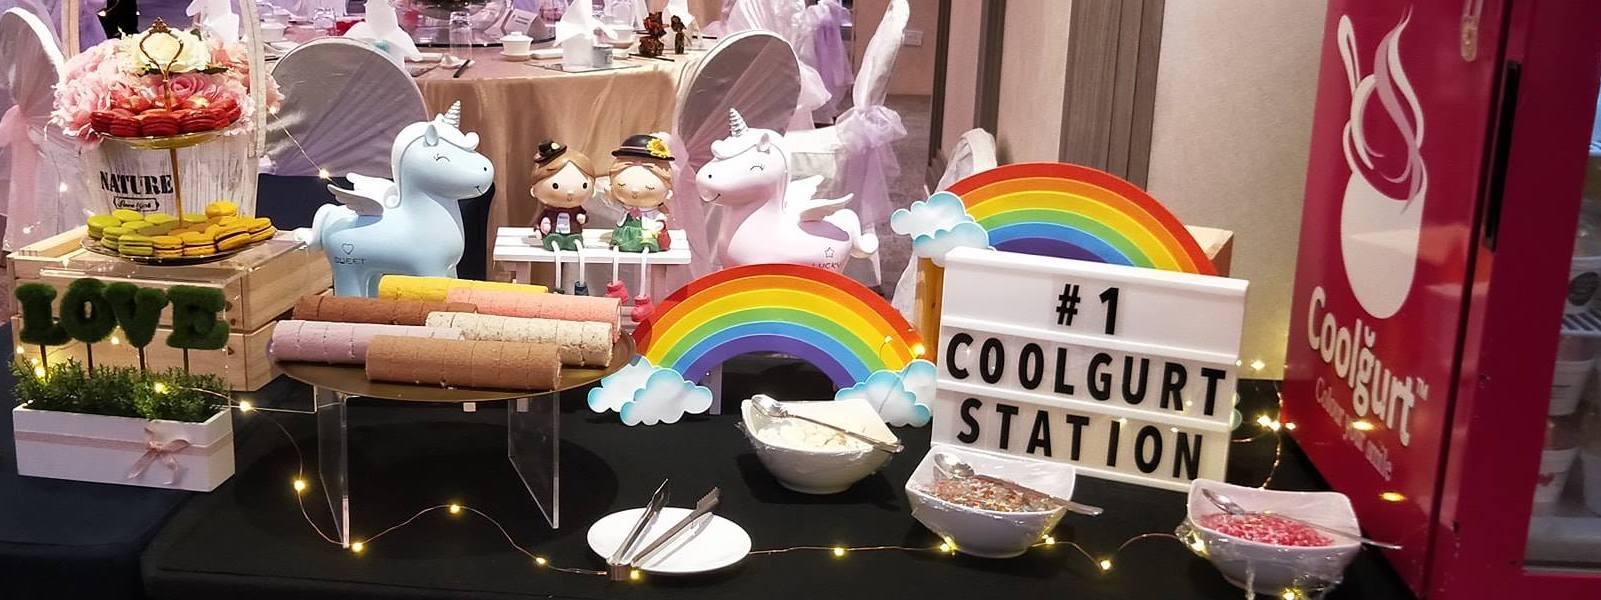 Coolgurt cover 3